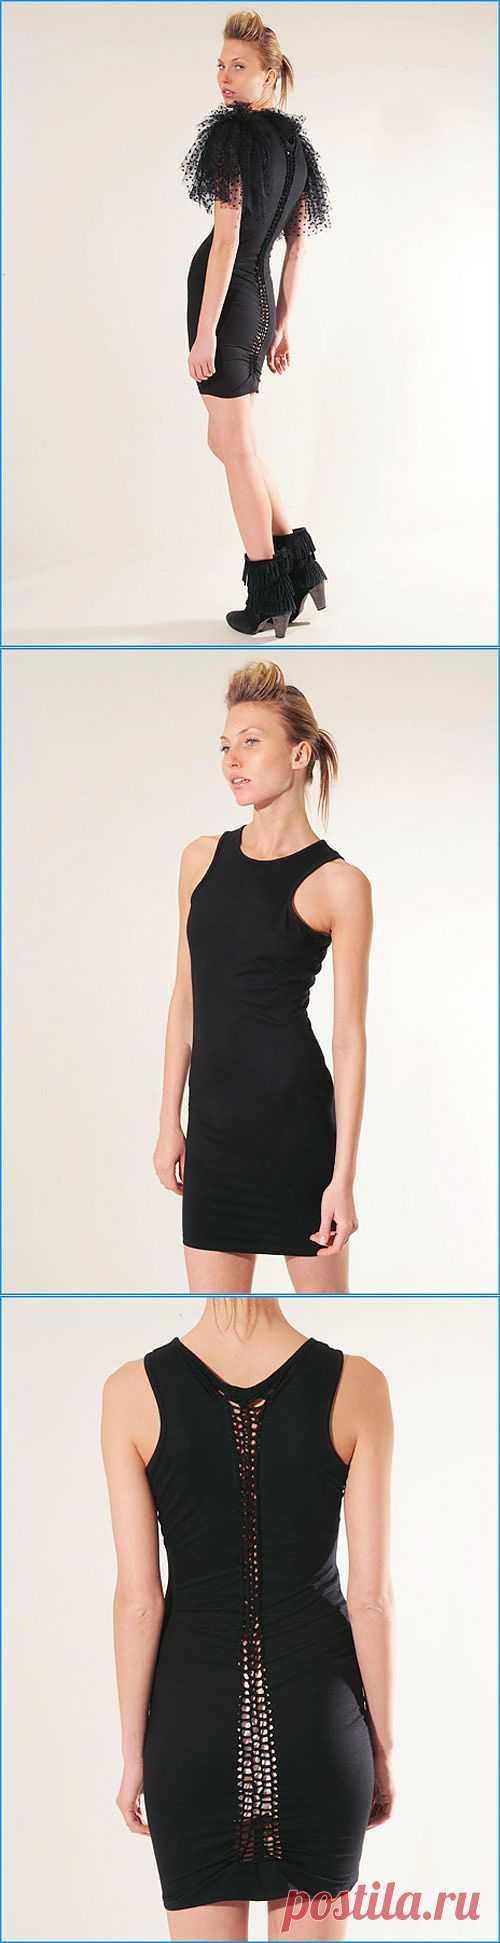 Платье-позвоночник / Декор спины / Модный сайт о стильной переделке одежды и интерьера